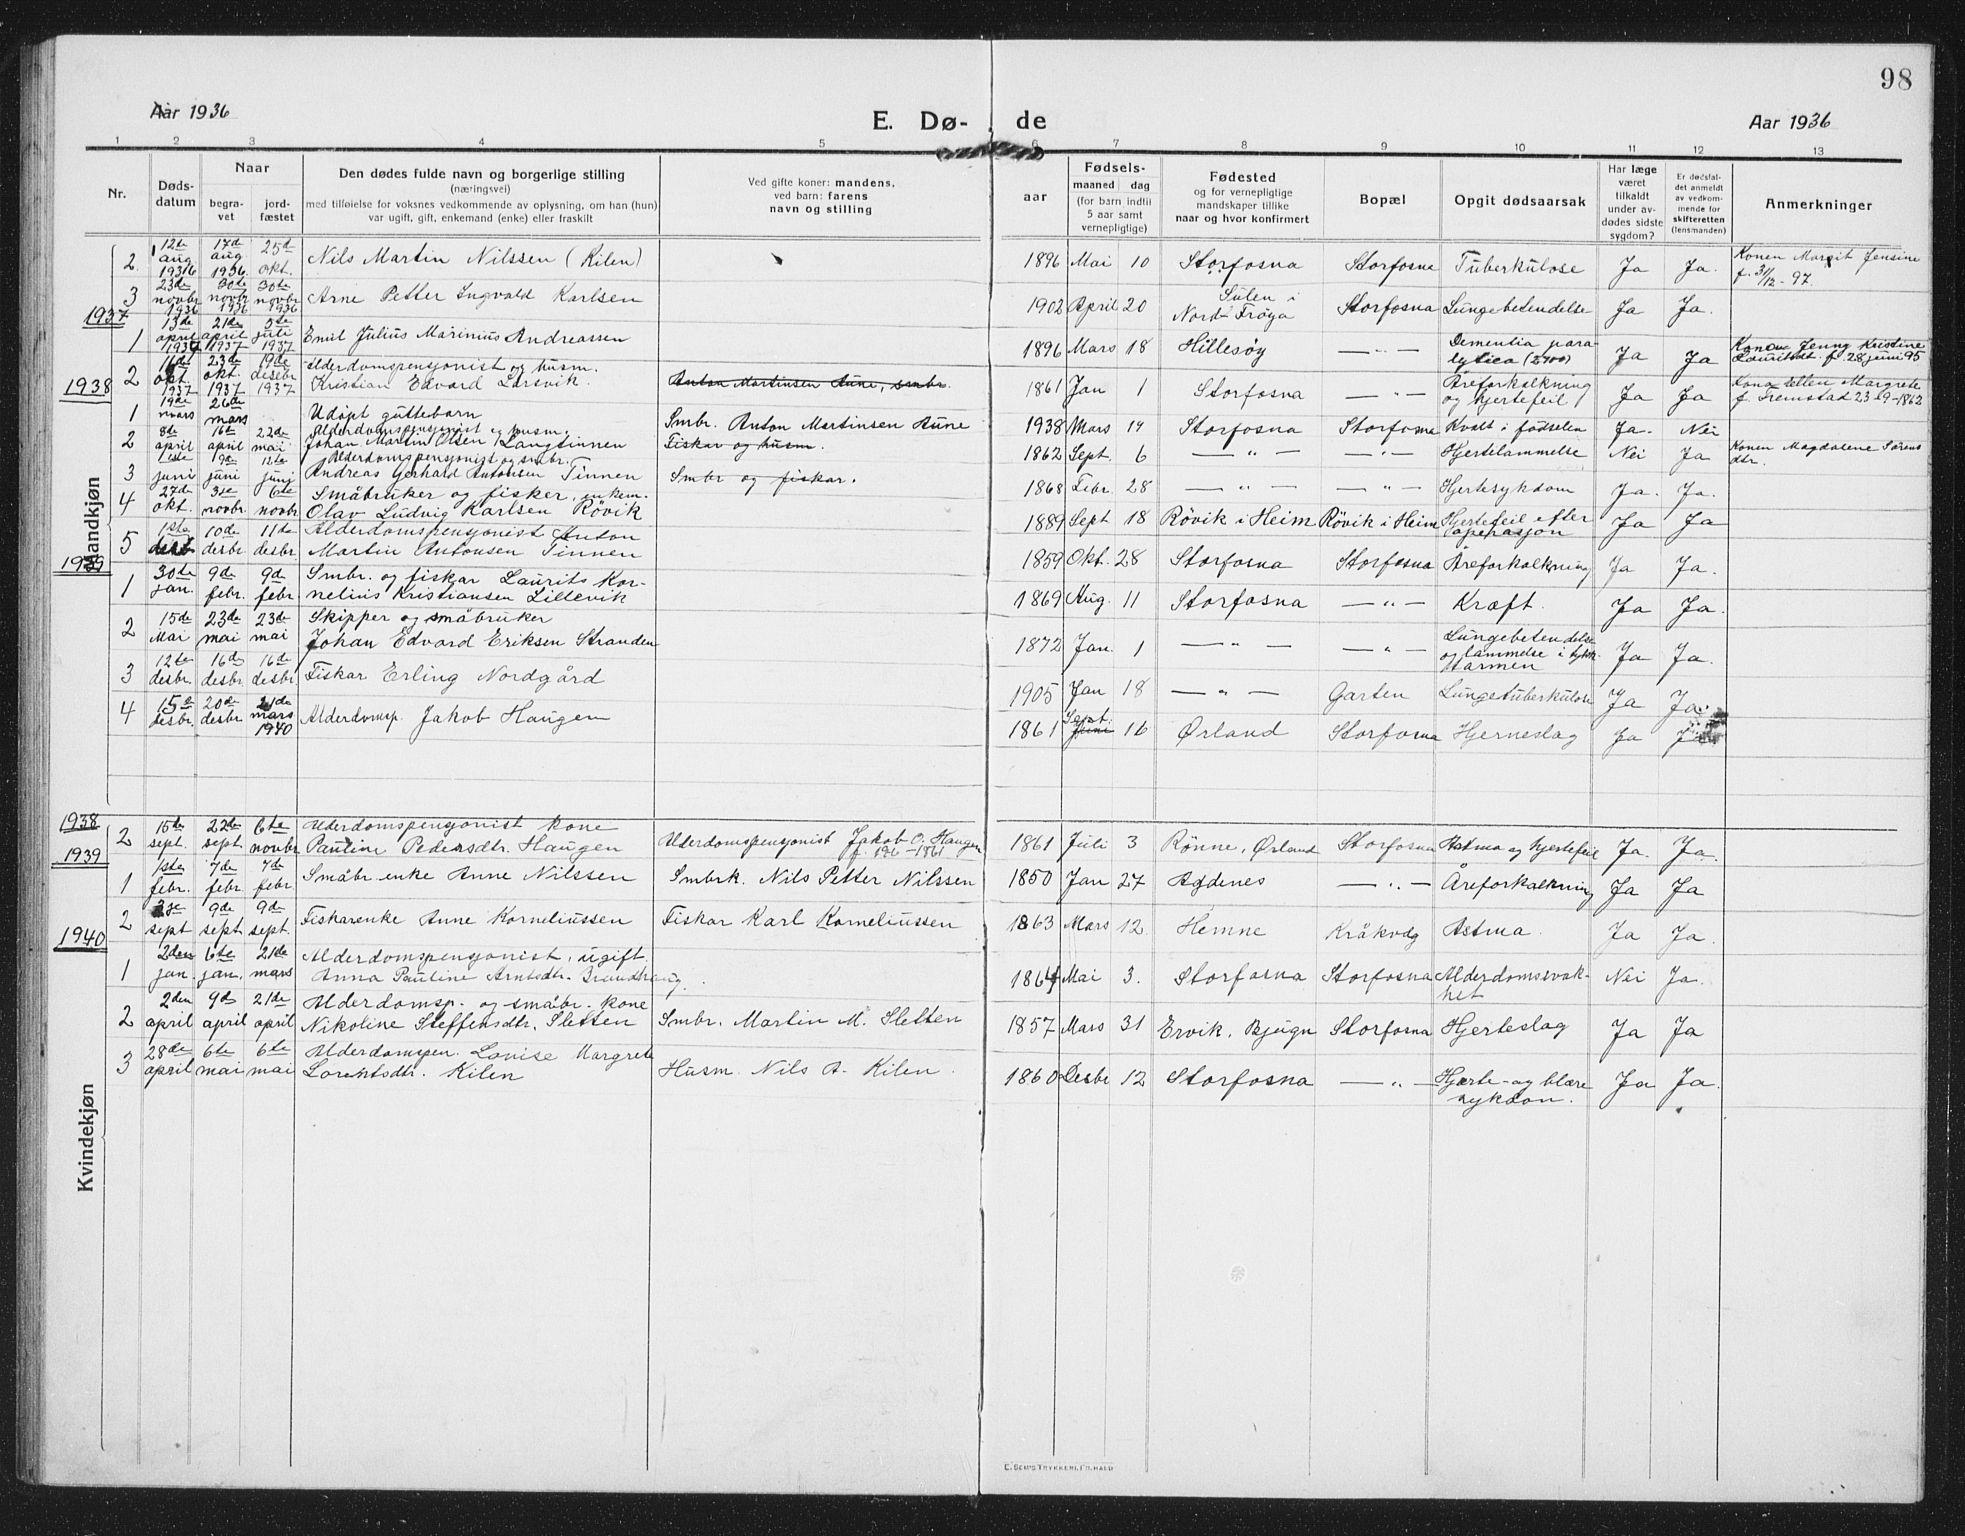 SAT, Ministerialprotokoller, klokkerbøker og fødselsregistre - Sør-Trøndelag, 659/L0750: Klokkerbok nr. 659C07, 1914-1940, s. 98